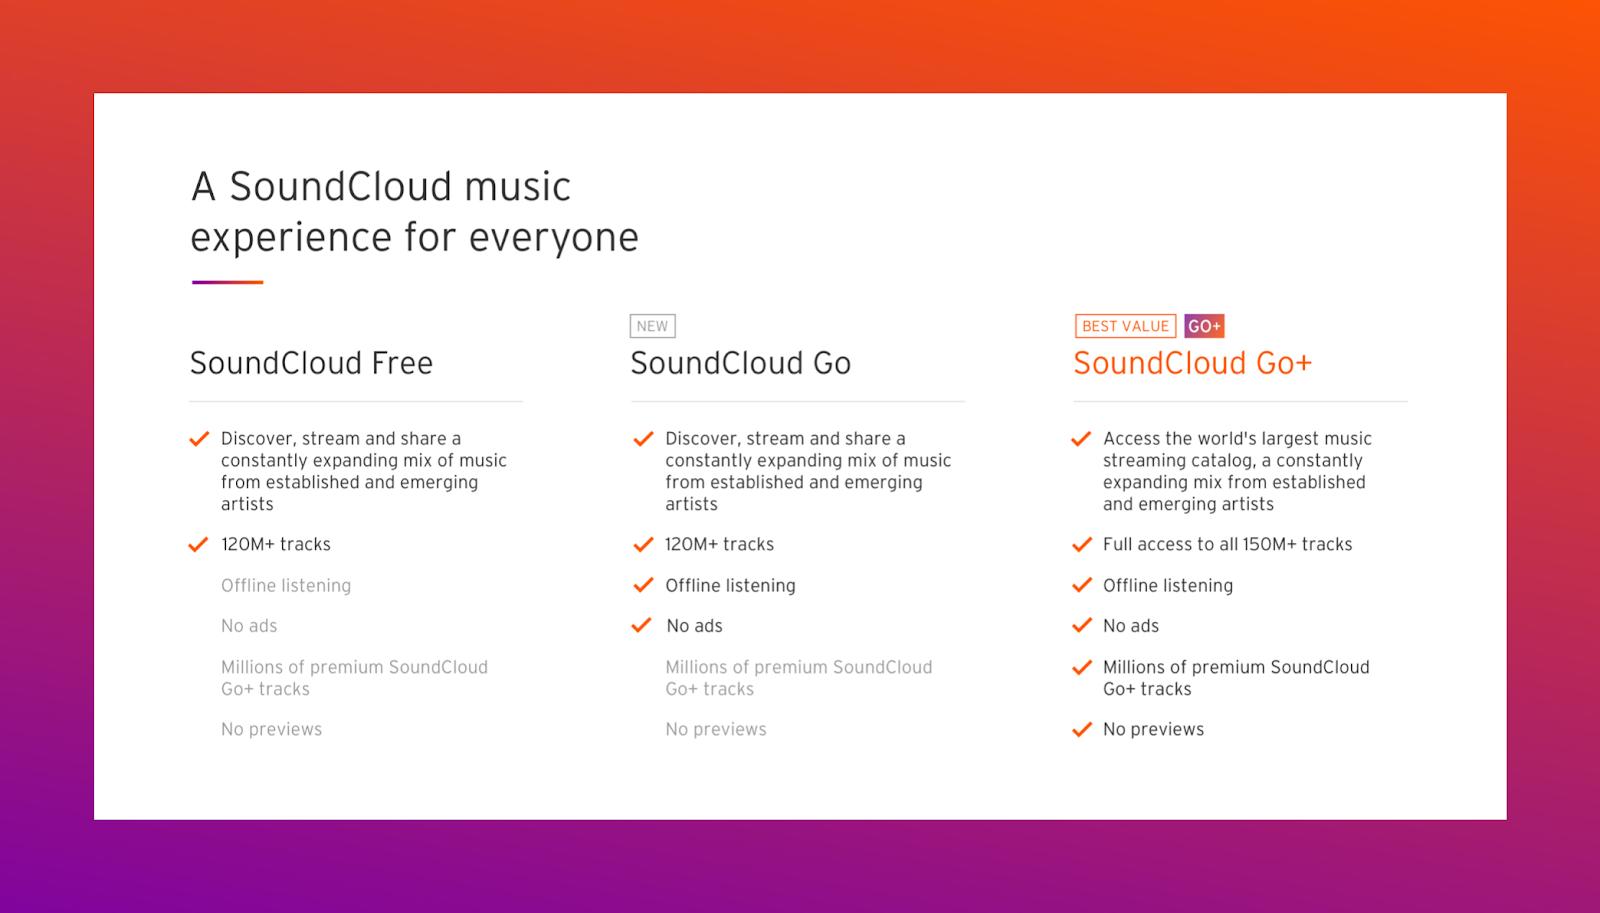 SoundCloud Price Tiers